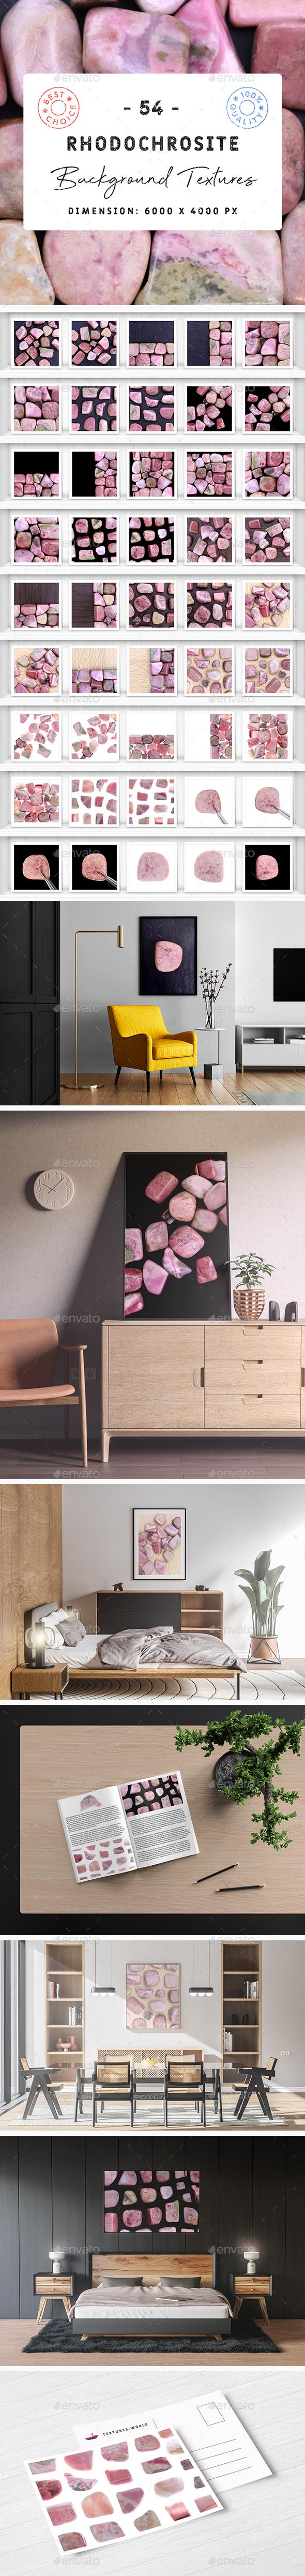 50 Rhodochrosite Background Textures